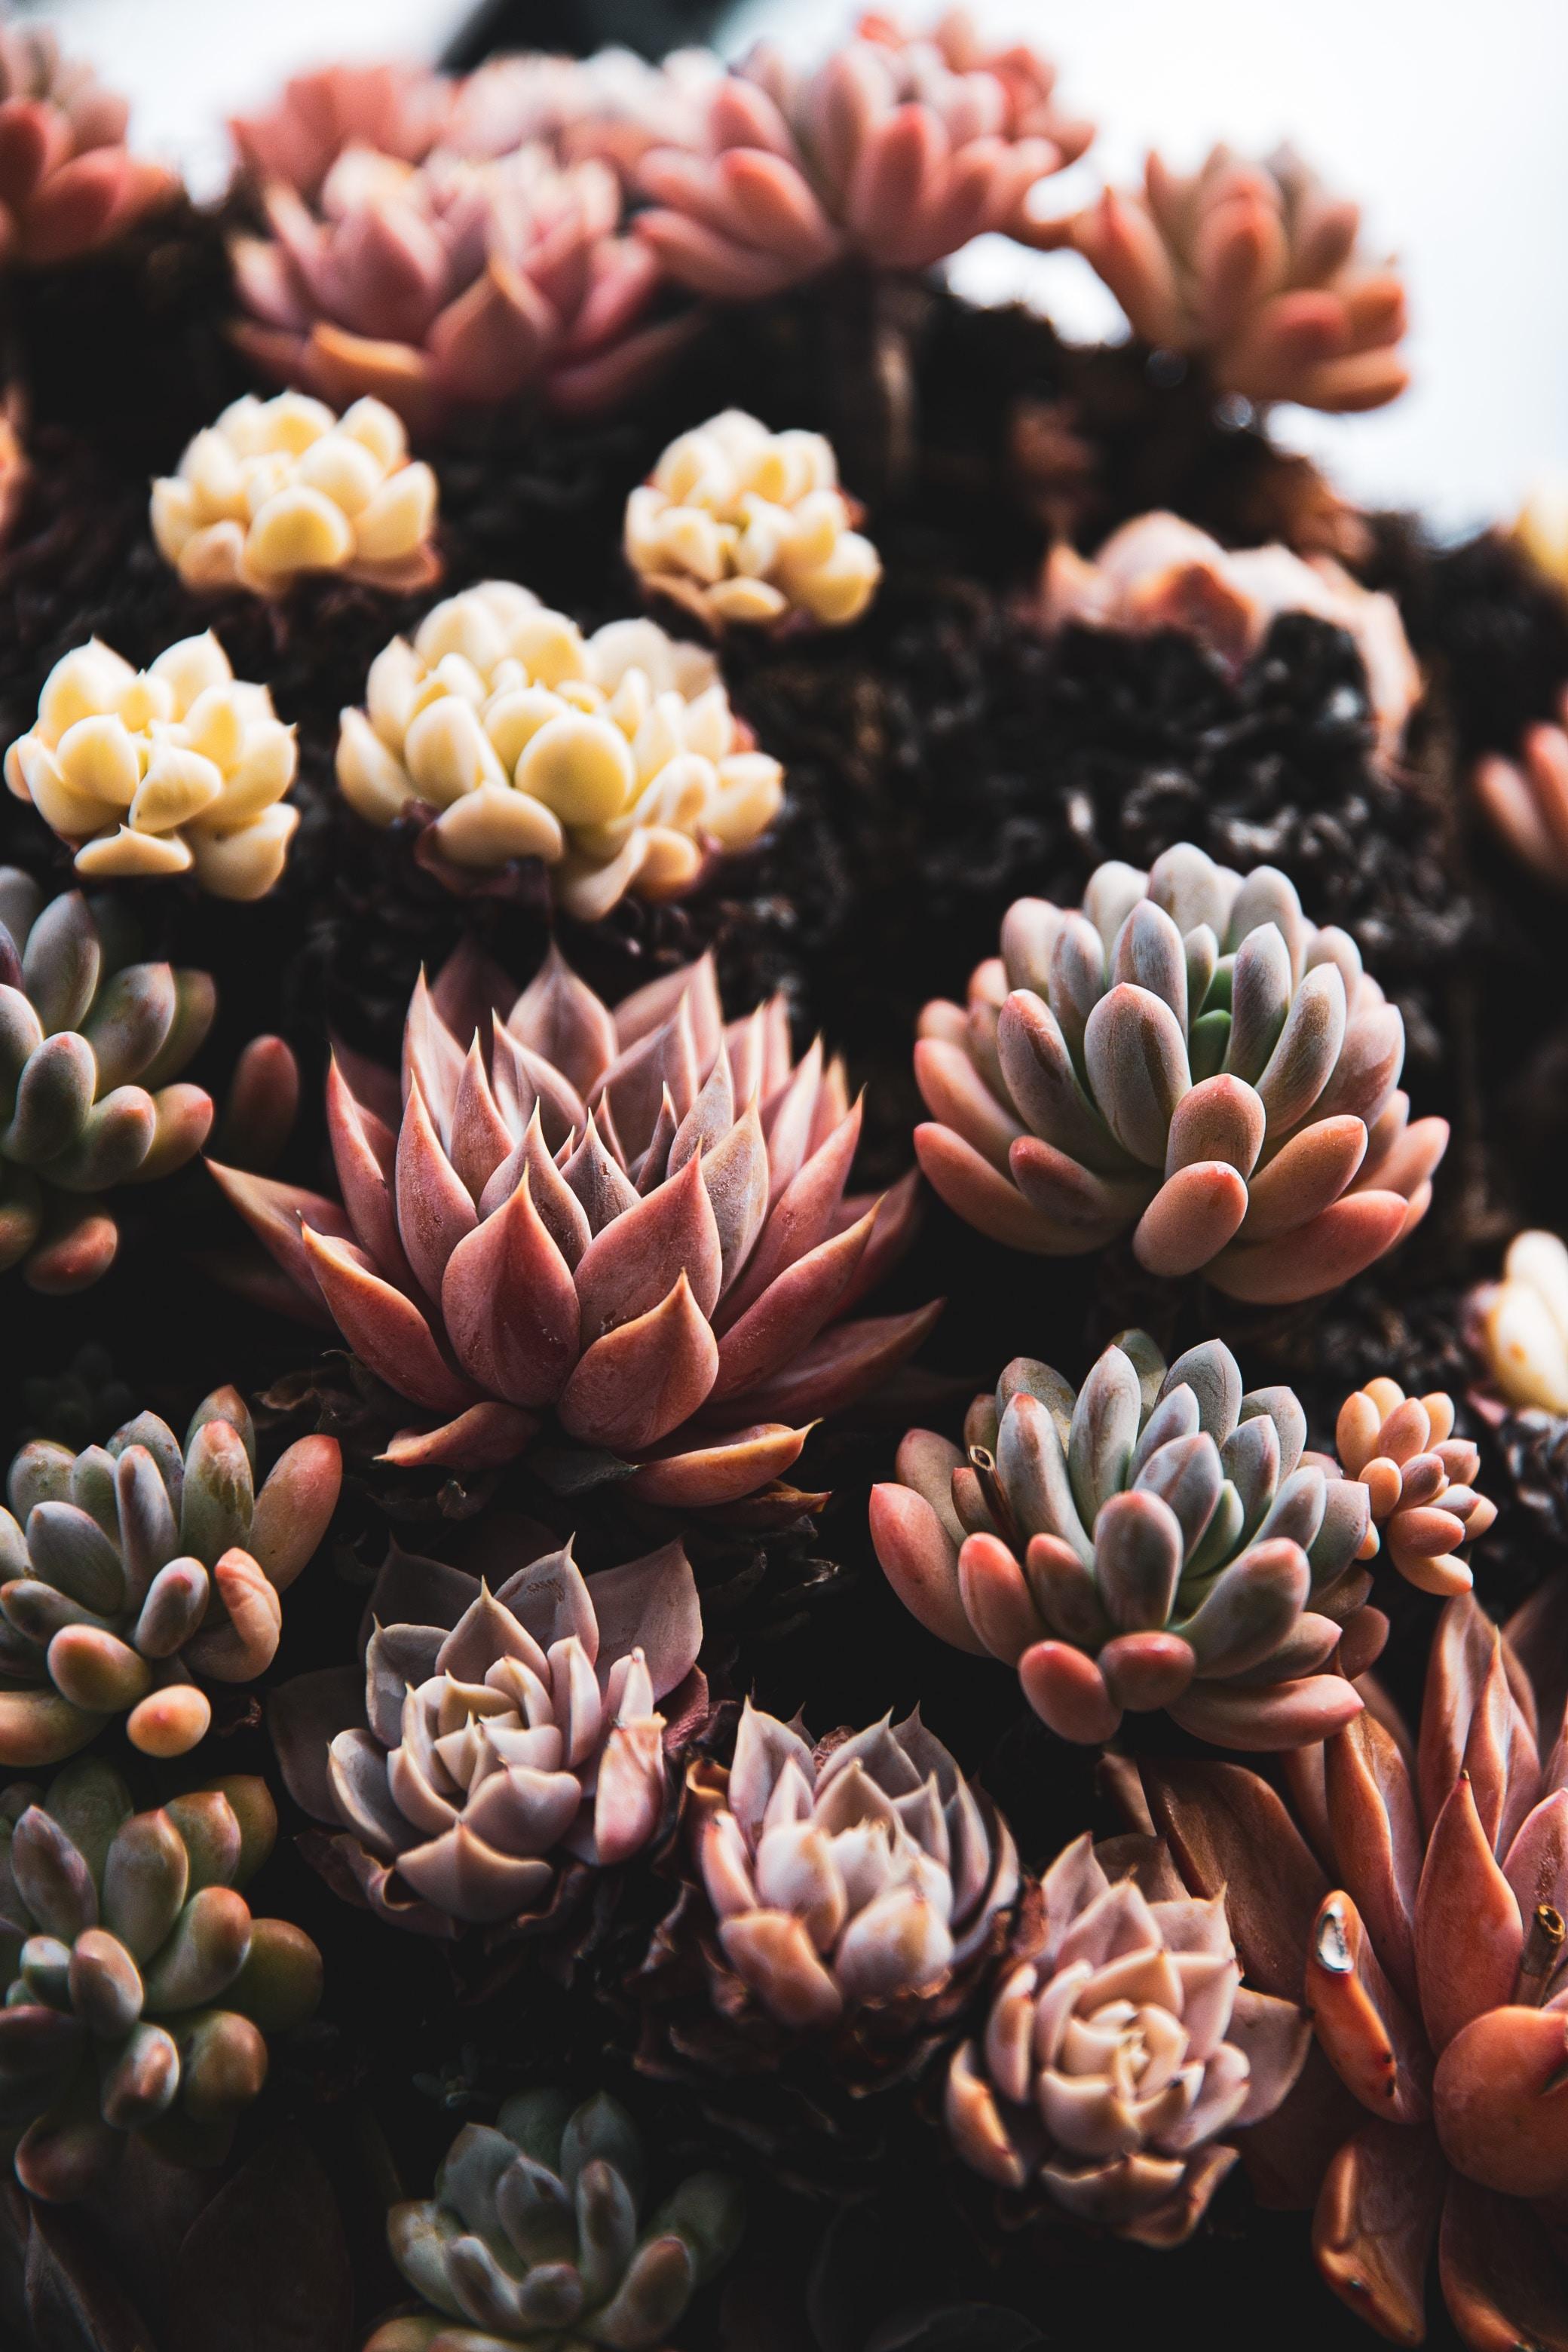 141772 скачать обои Растения, Цветы, Крупный План, Суккуленты - заставки и картинки бесплатно